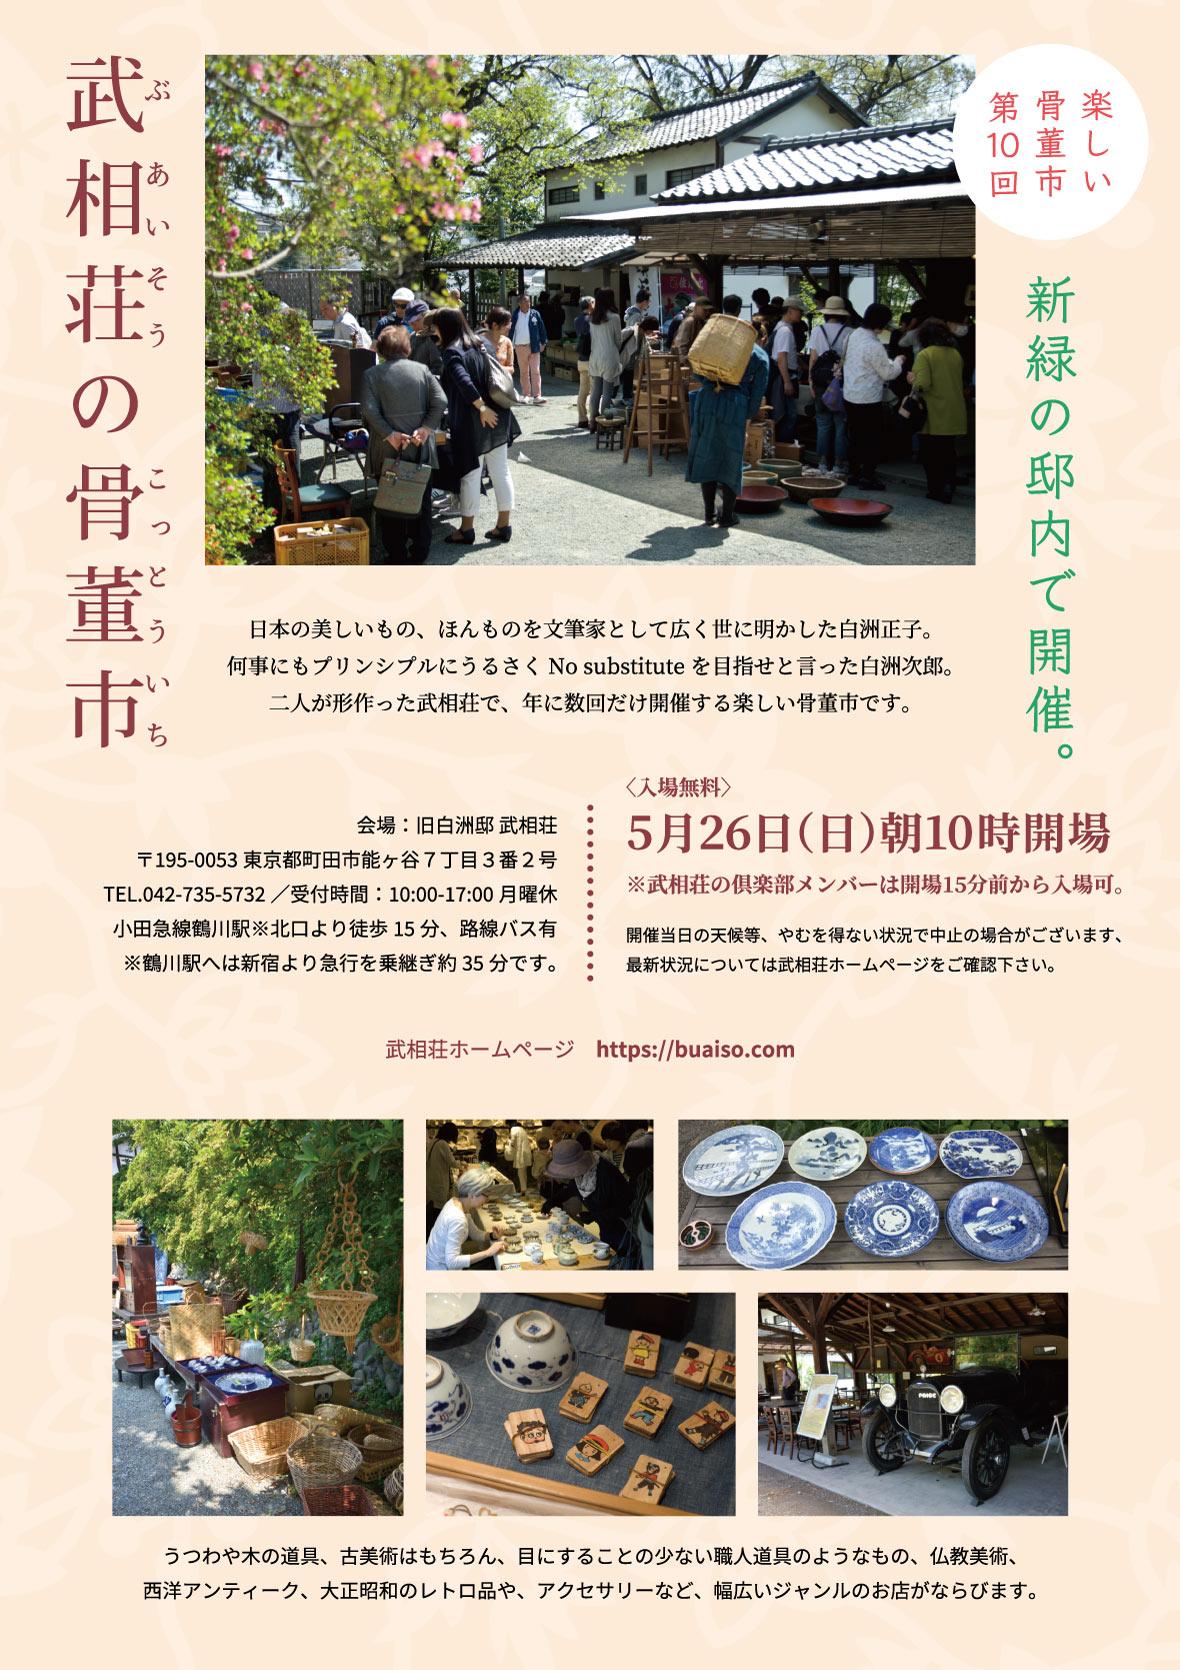 武相荘の骨董市 2019年5月